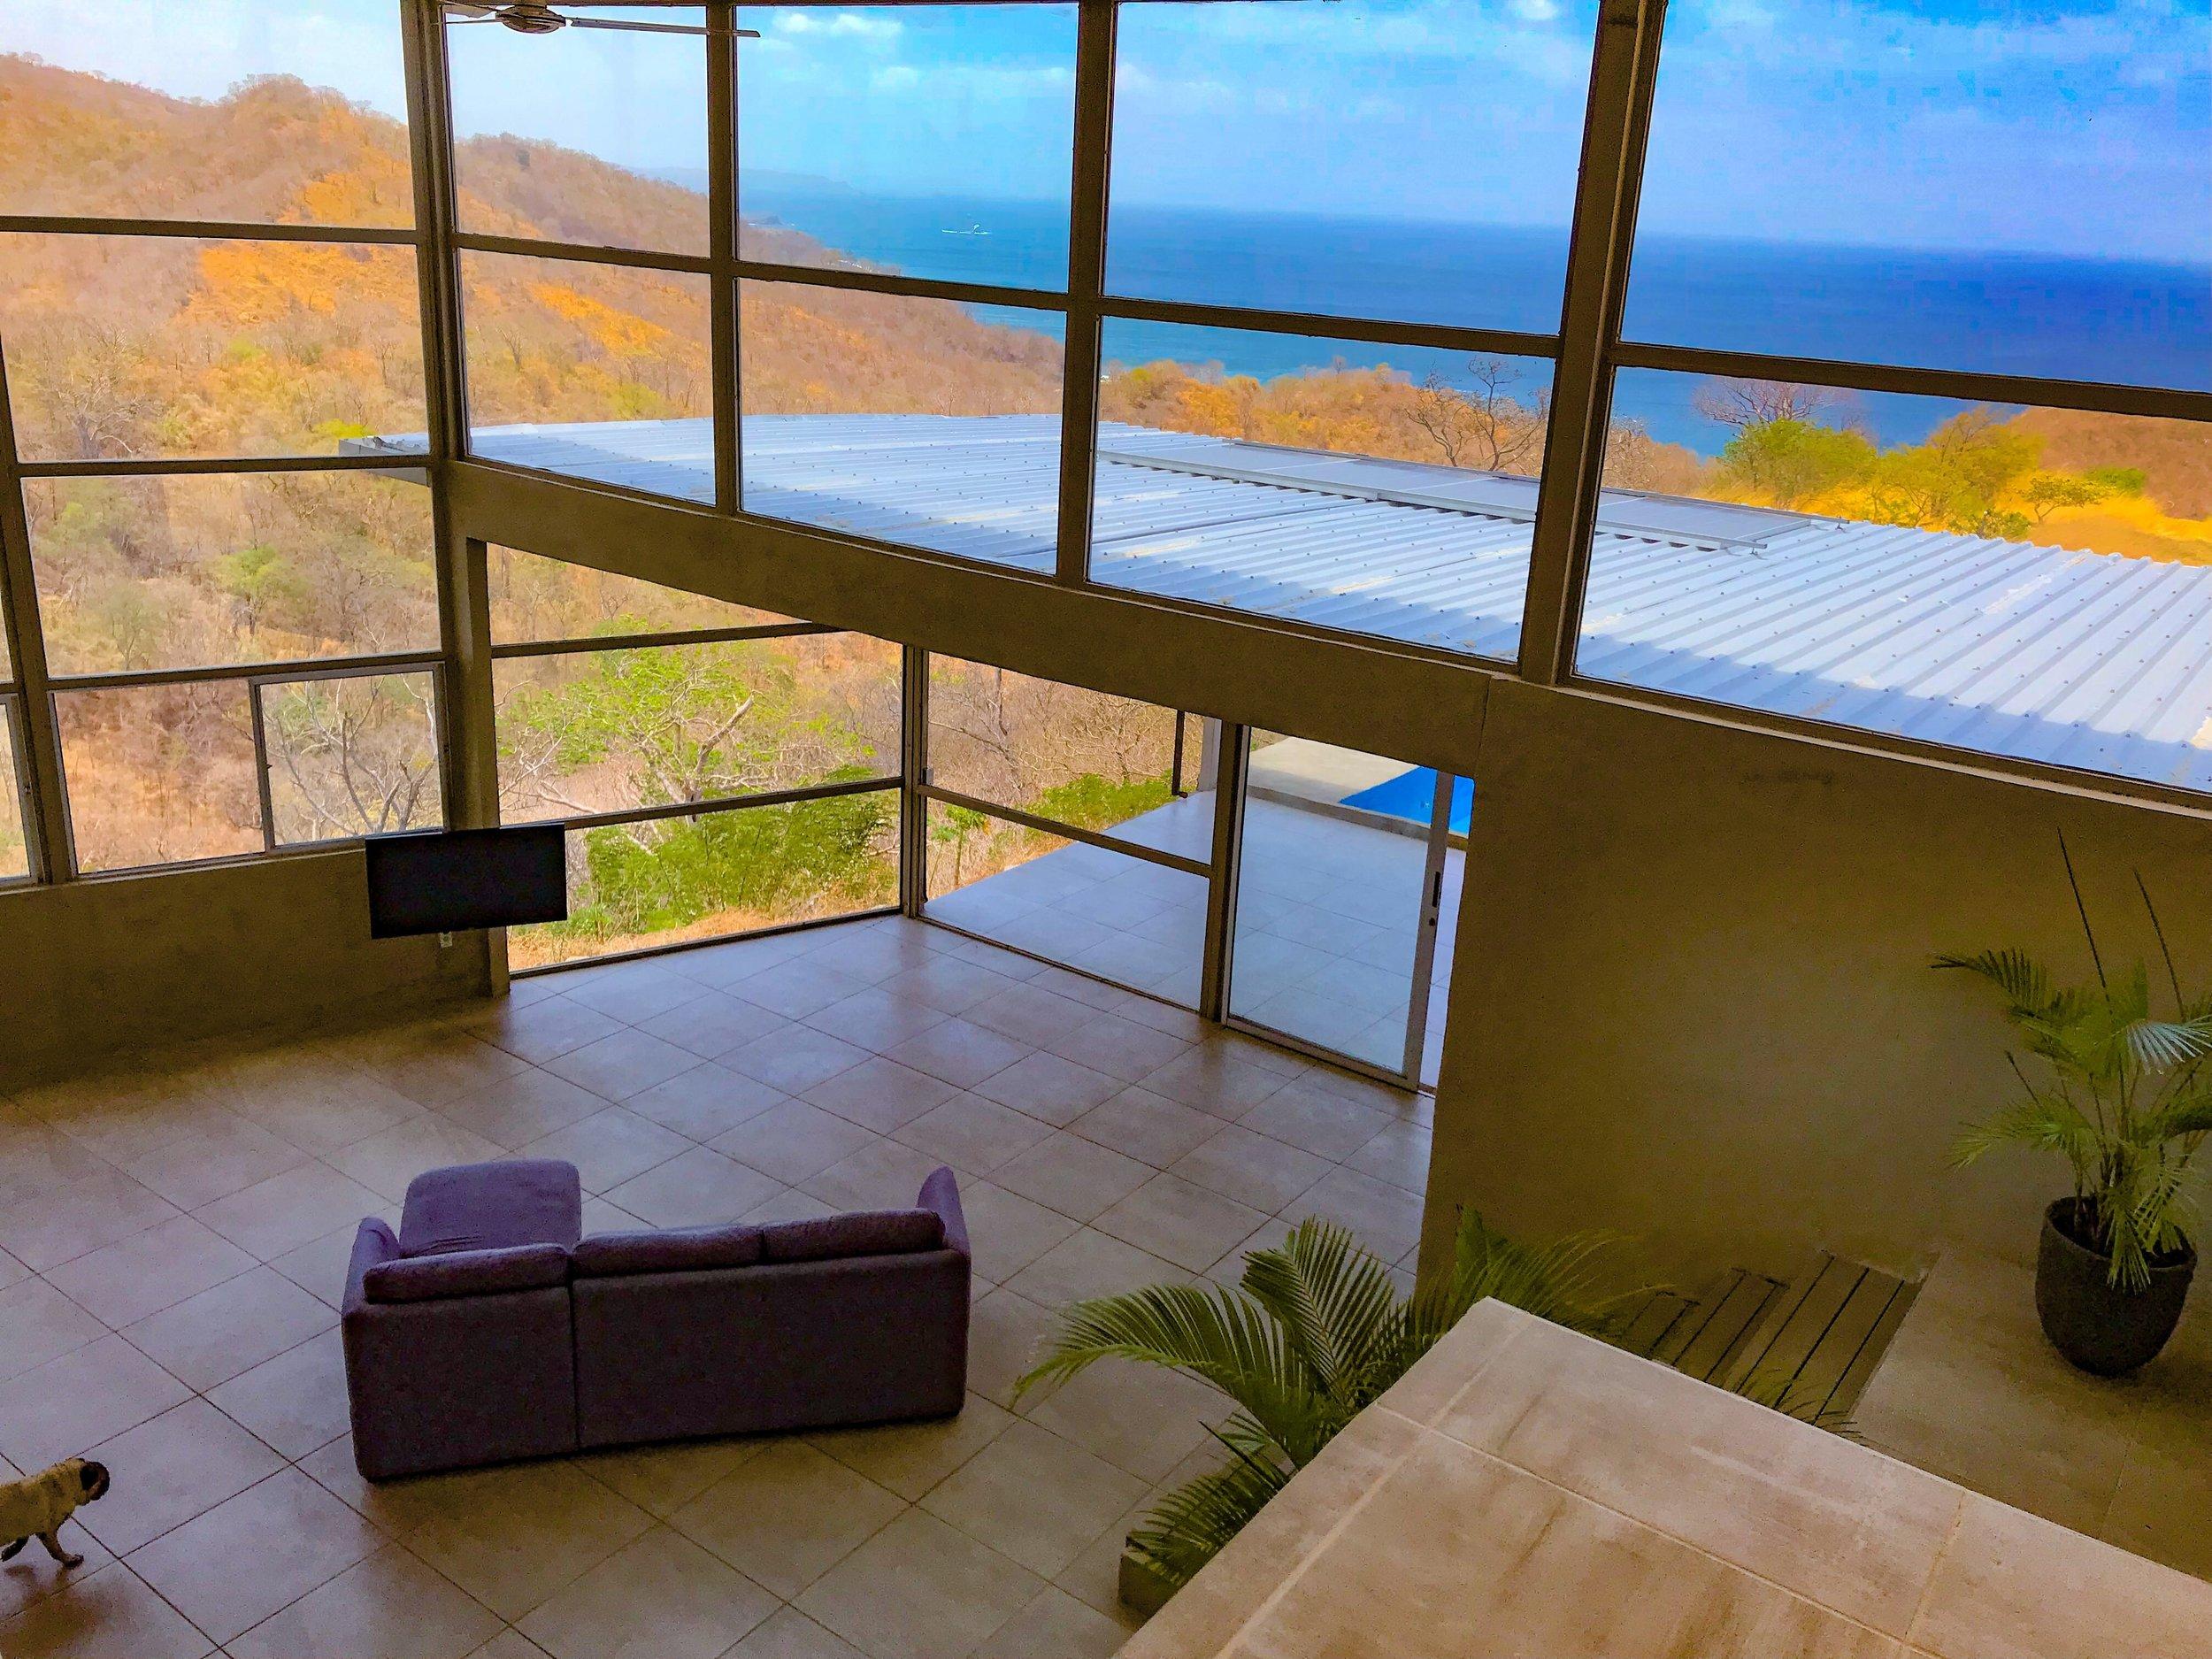 Home For Sale Paradise Bay San Juan Del Sur Nicaragua11-min.JPEG